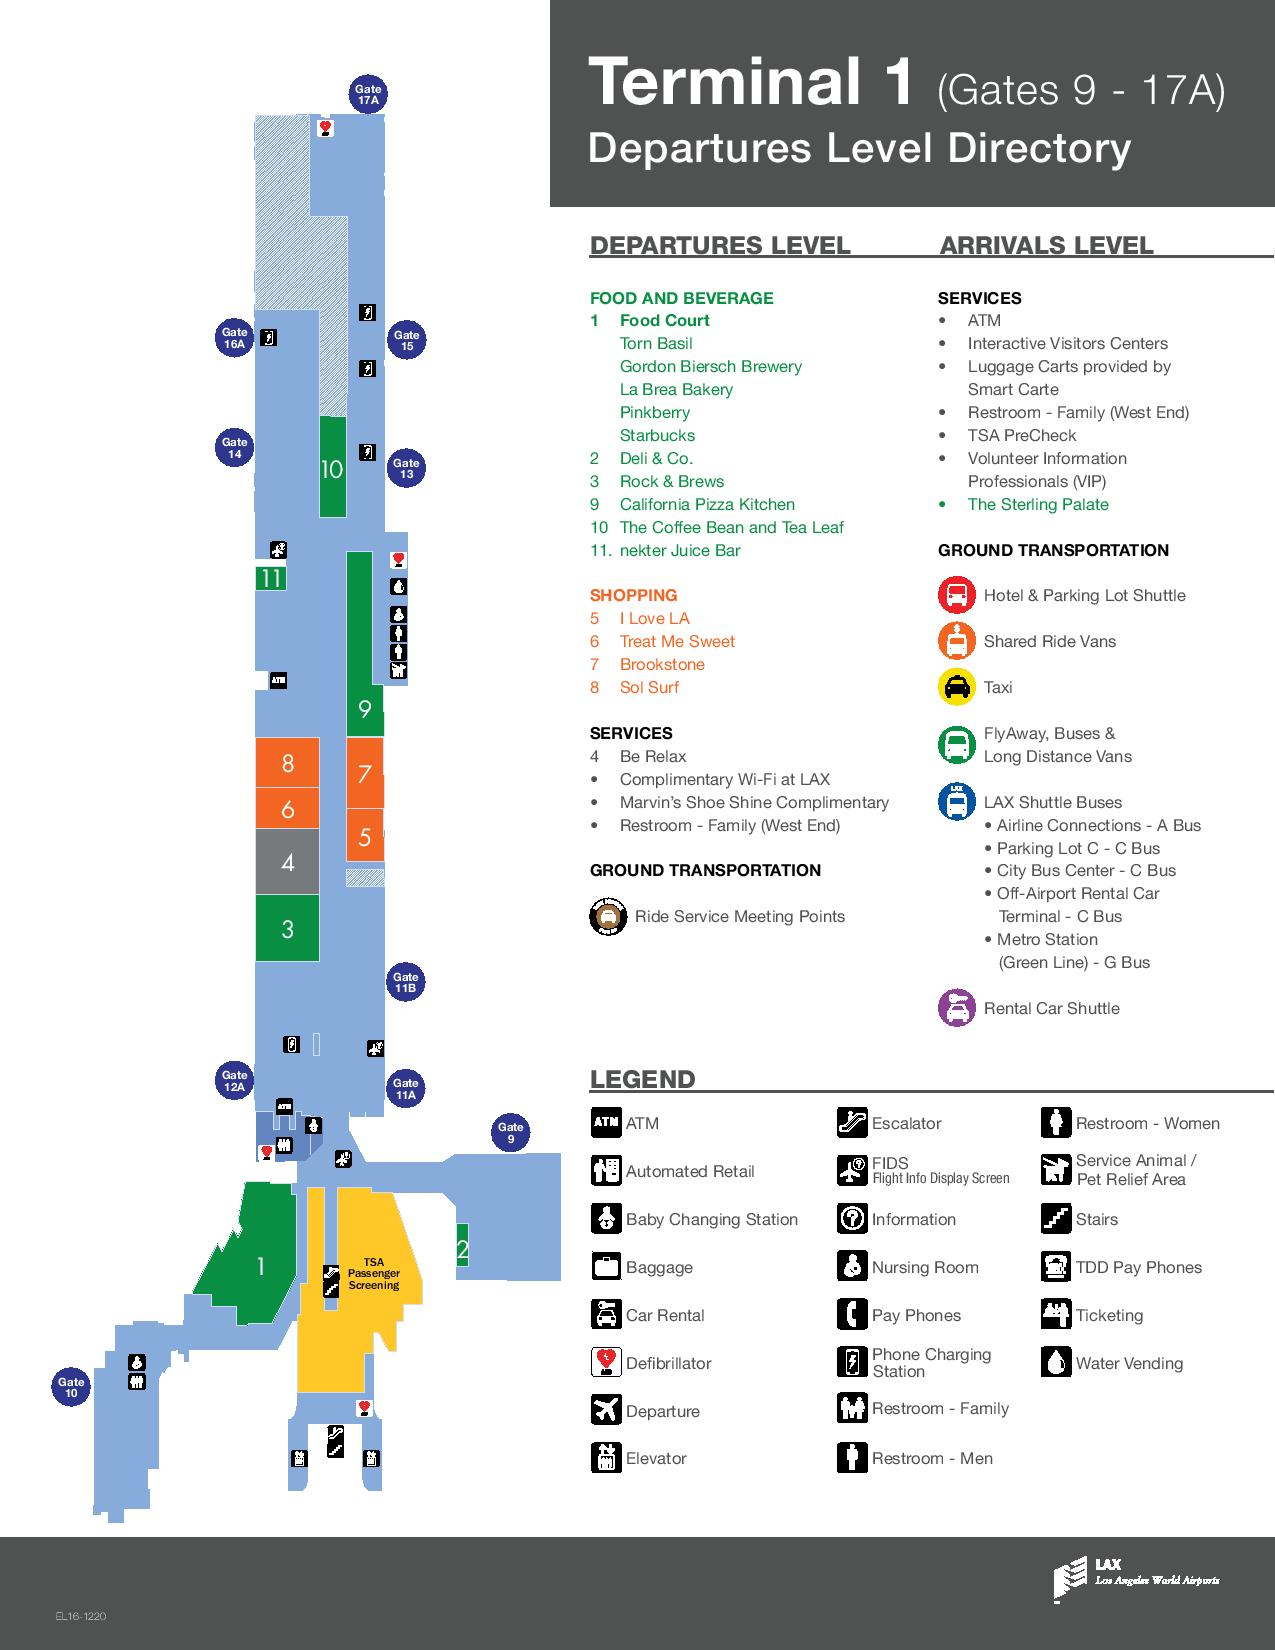 Mapa de la T1 del aeropuerto de Los Angeles LAX